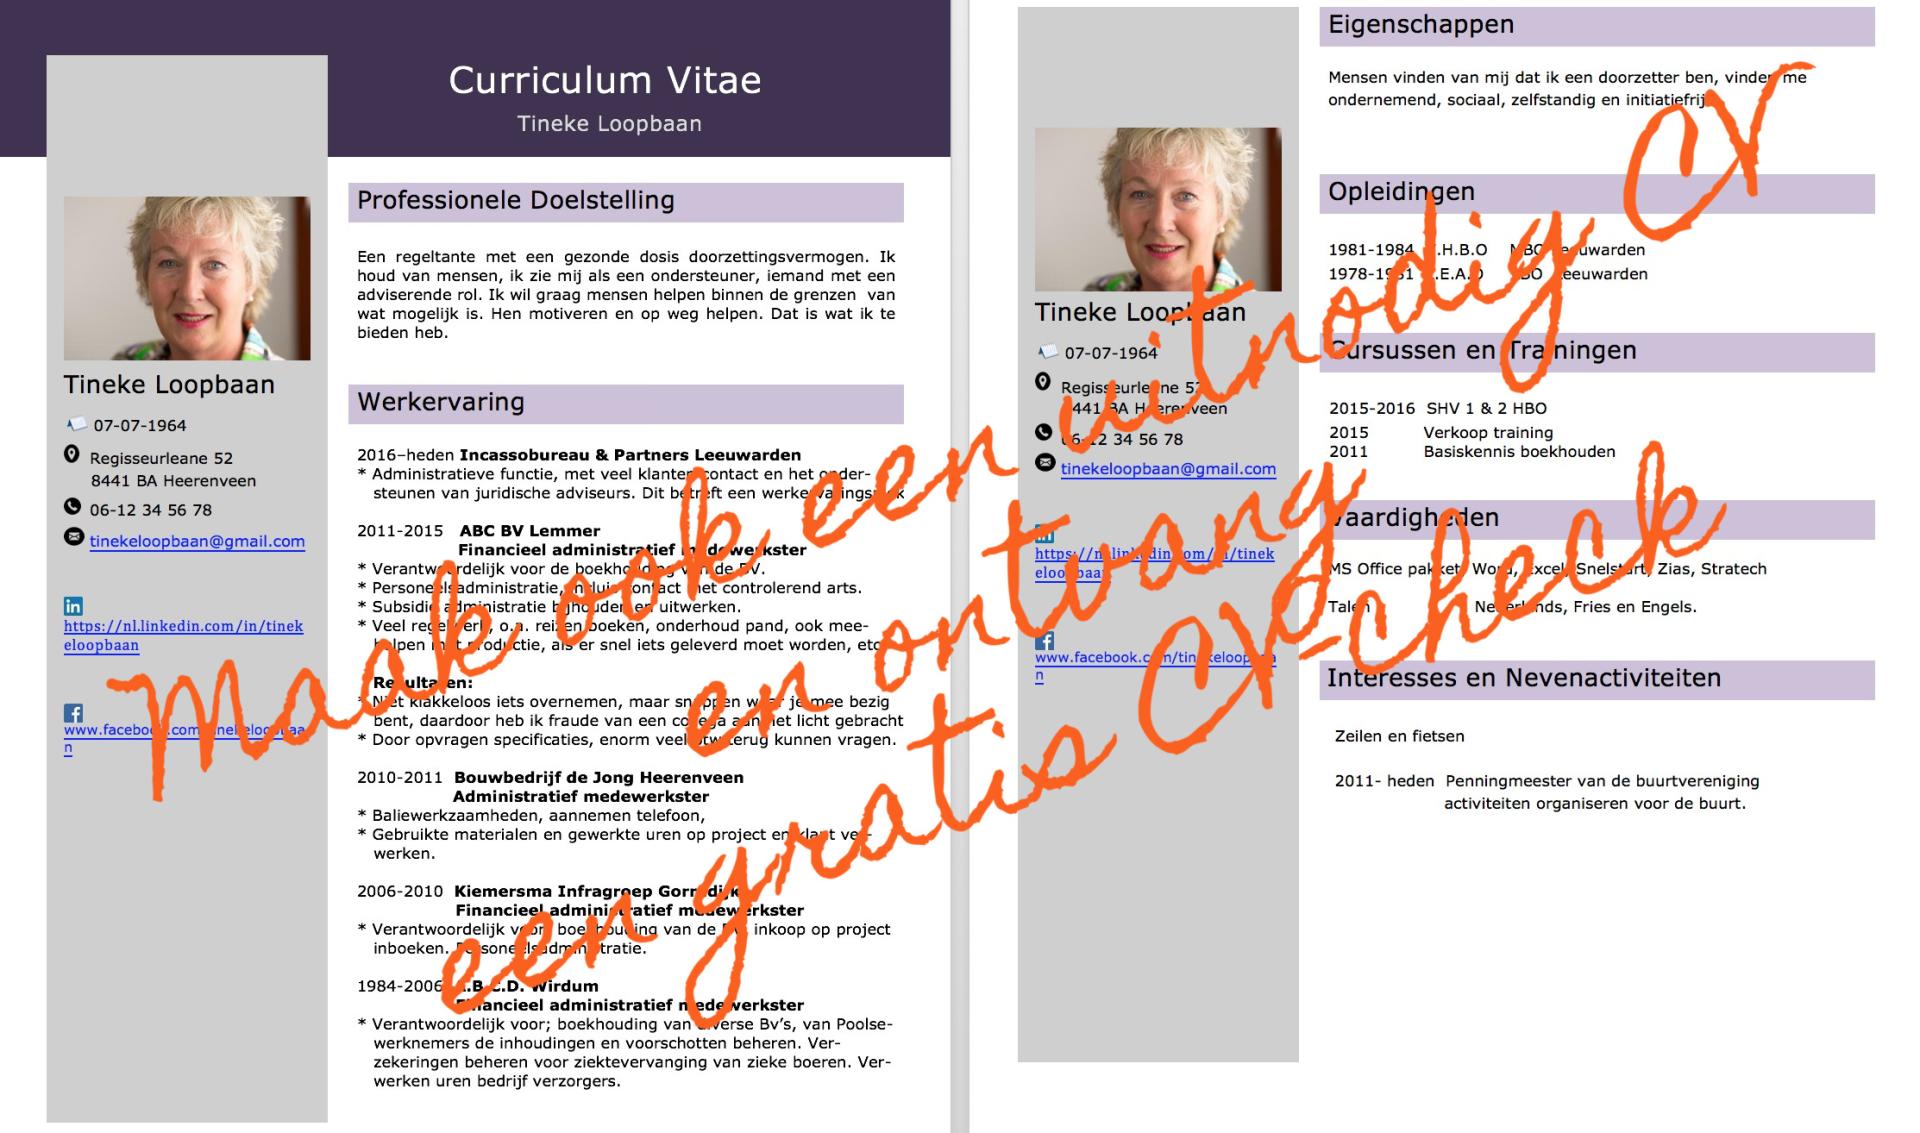 De masterclass van wegwerp CV naar uitnodig CV